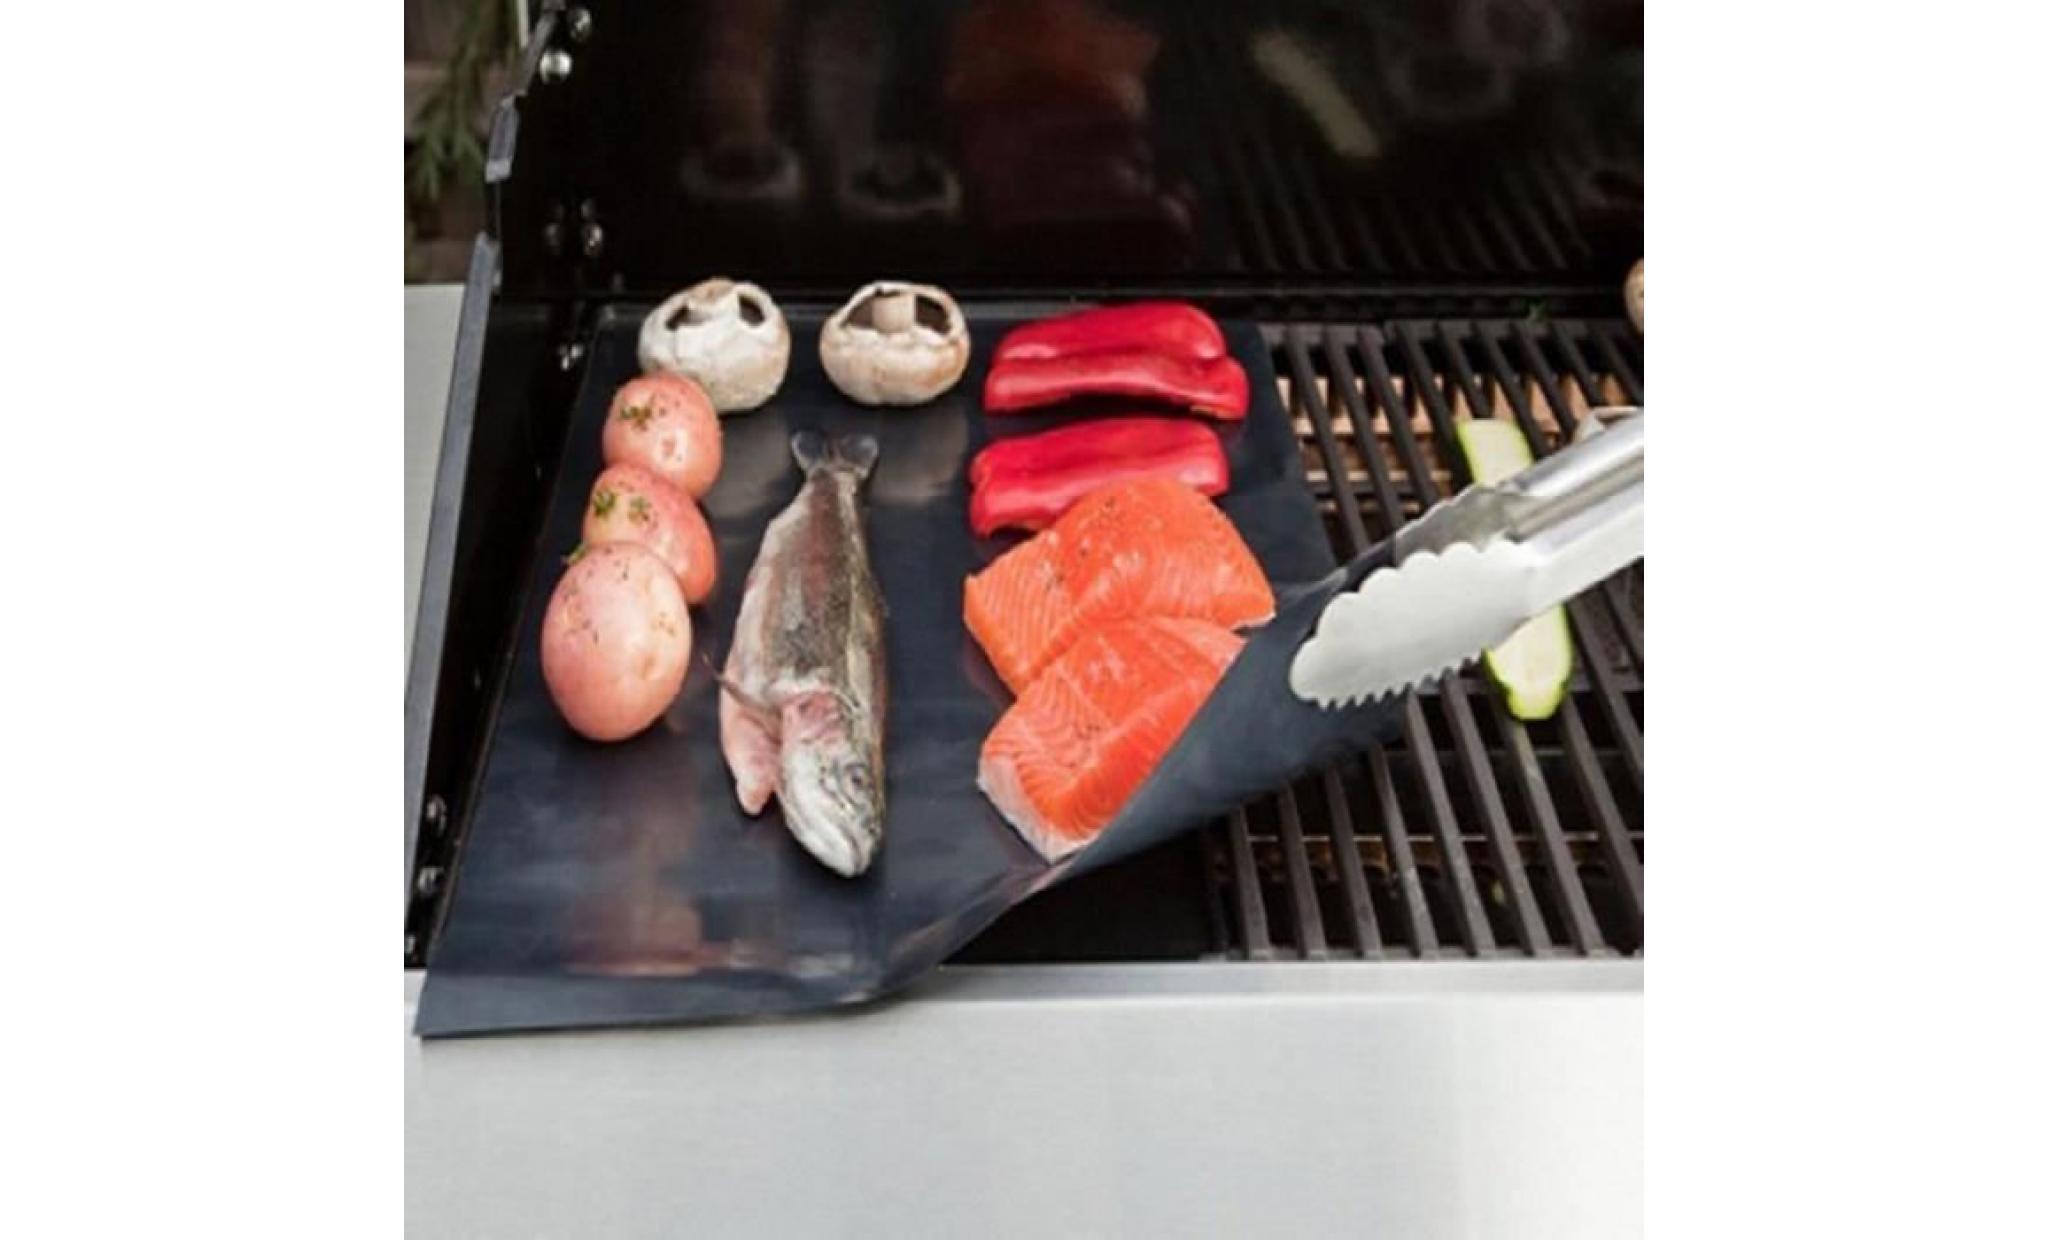 5pcs tapis grille pour barbecue tapis de cuisson pour griller ou barbecue 40 33cm c1601 achat vente accessoires barbecue pas cher coindujardin com